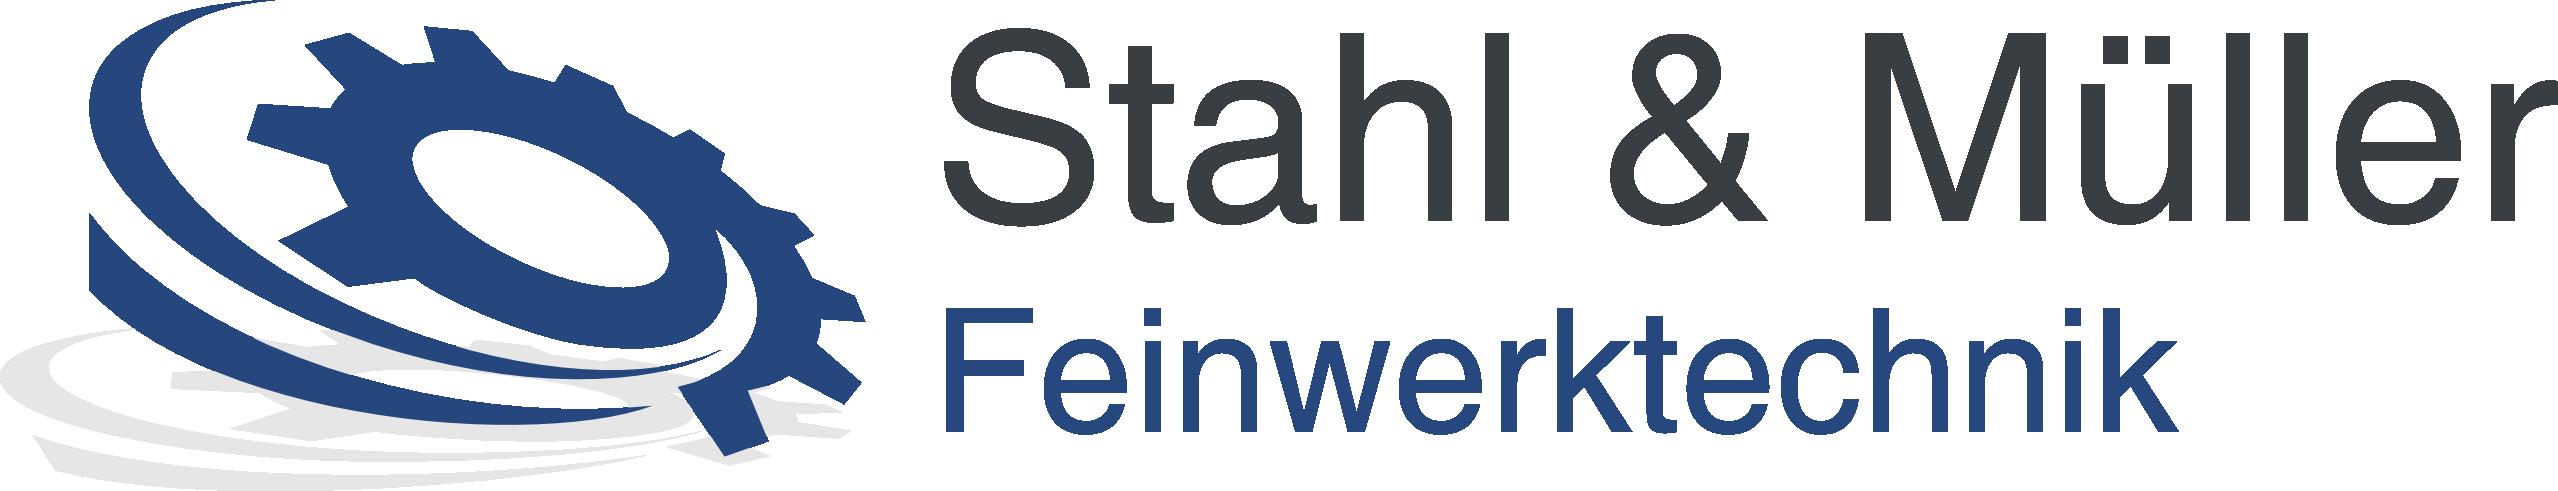 Stahl & Müller Feinwerktechnik GbR